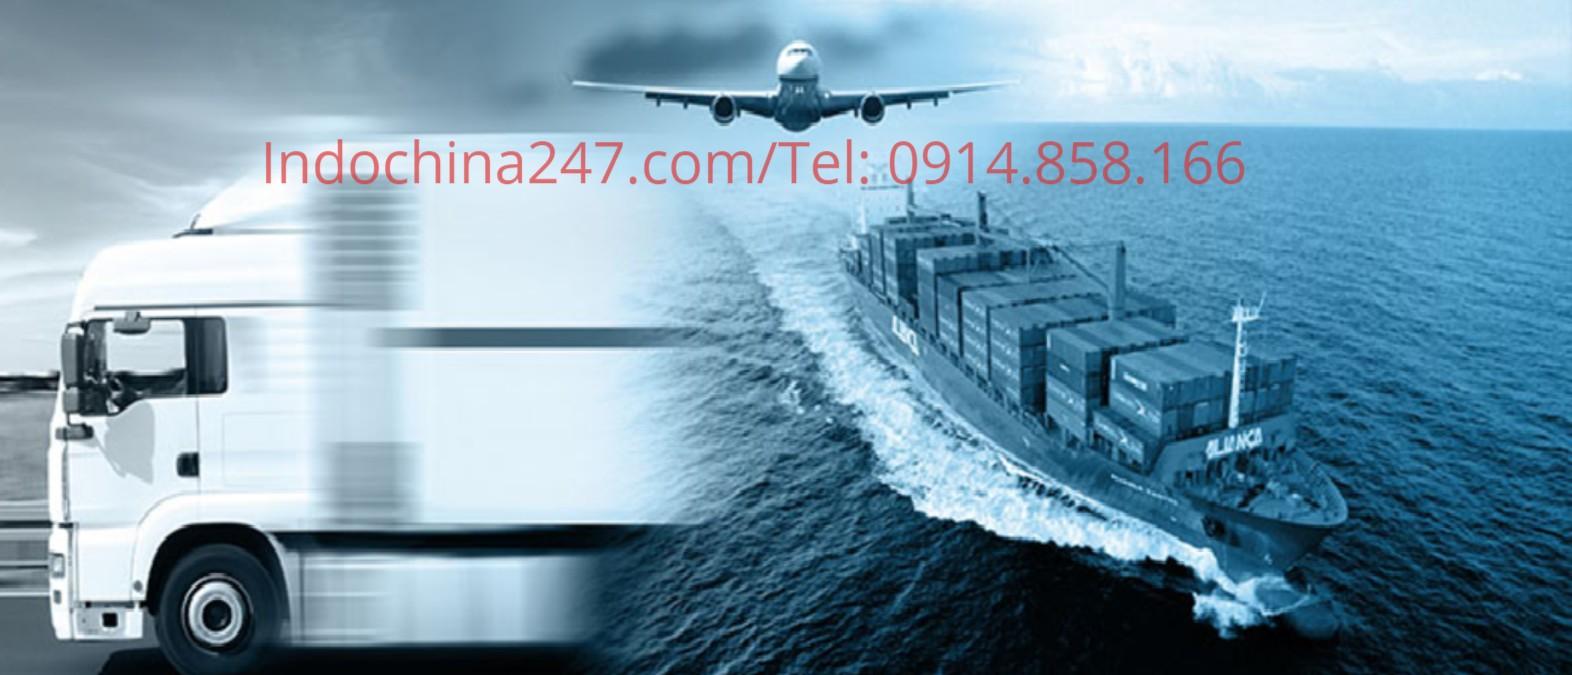 Dịch vụ vận chuyển ship gửi hàng từ illinoisMỹ về Việt Nam giá cực tốt